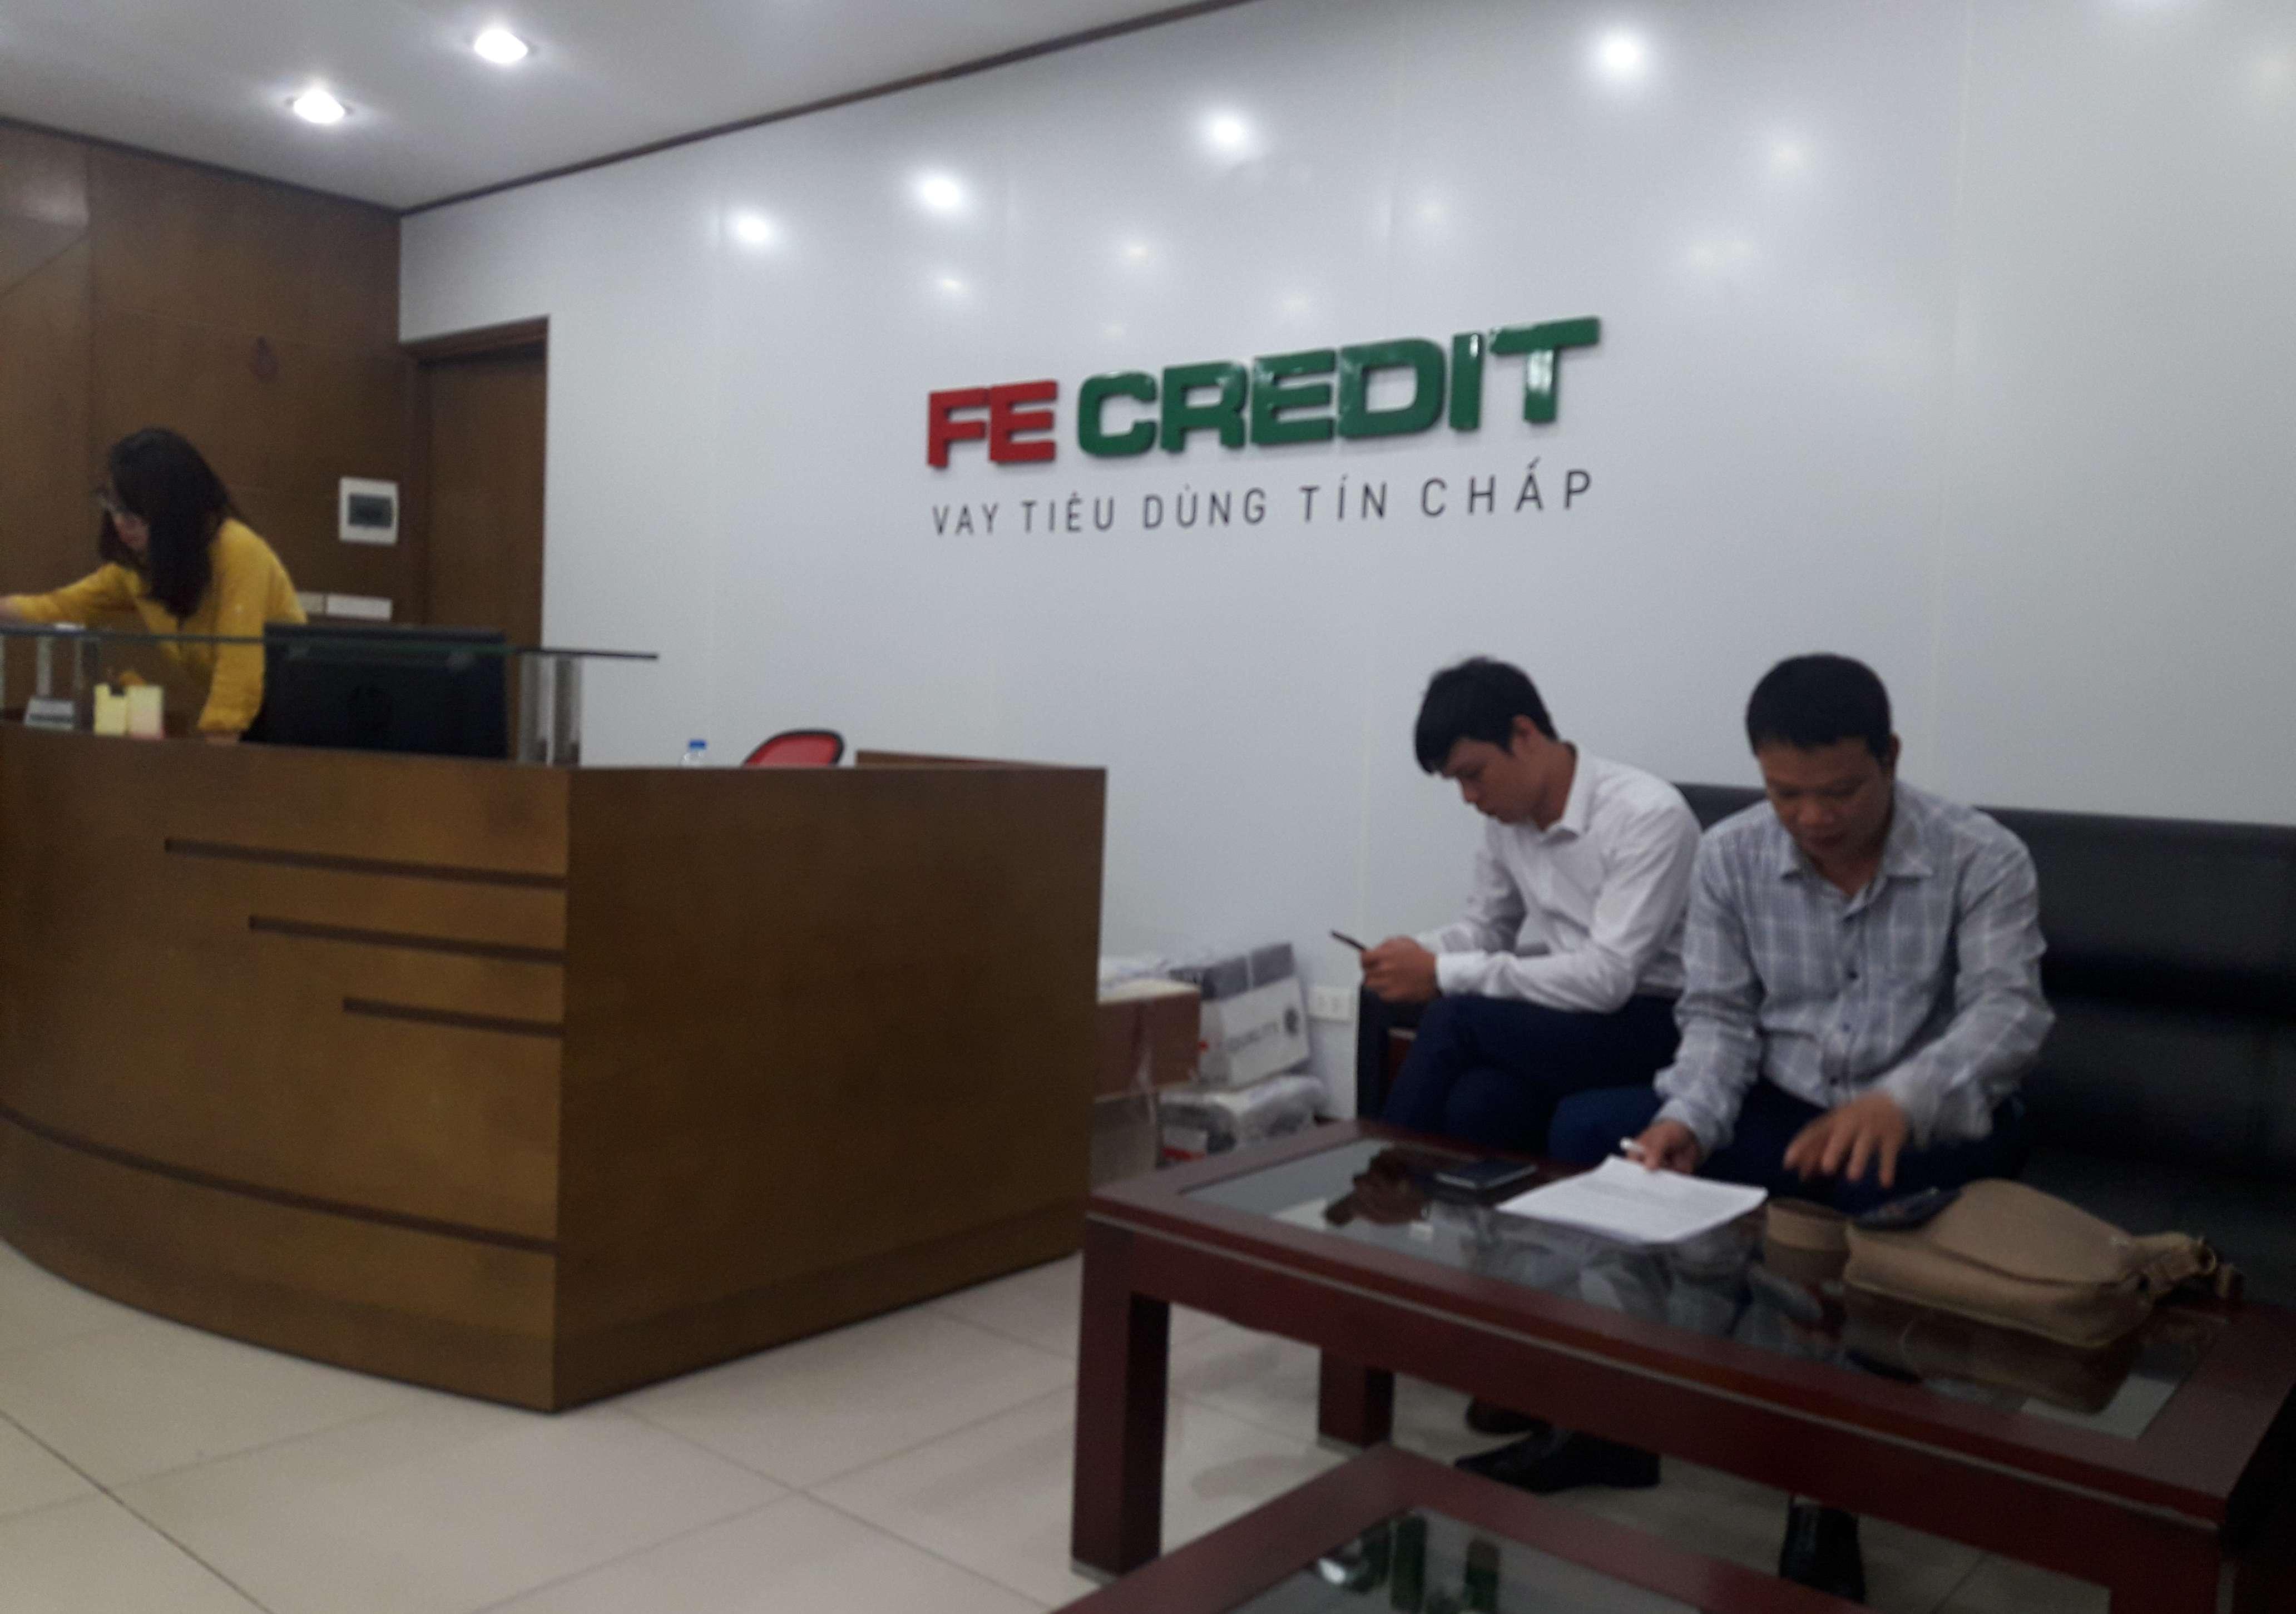 Công ty tài chính FE Credit: Quá đơn giản trong cho vay tiêu dùng?